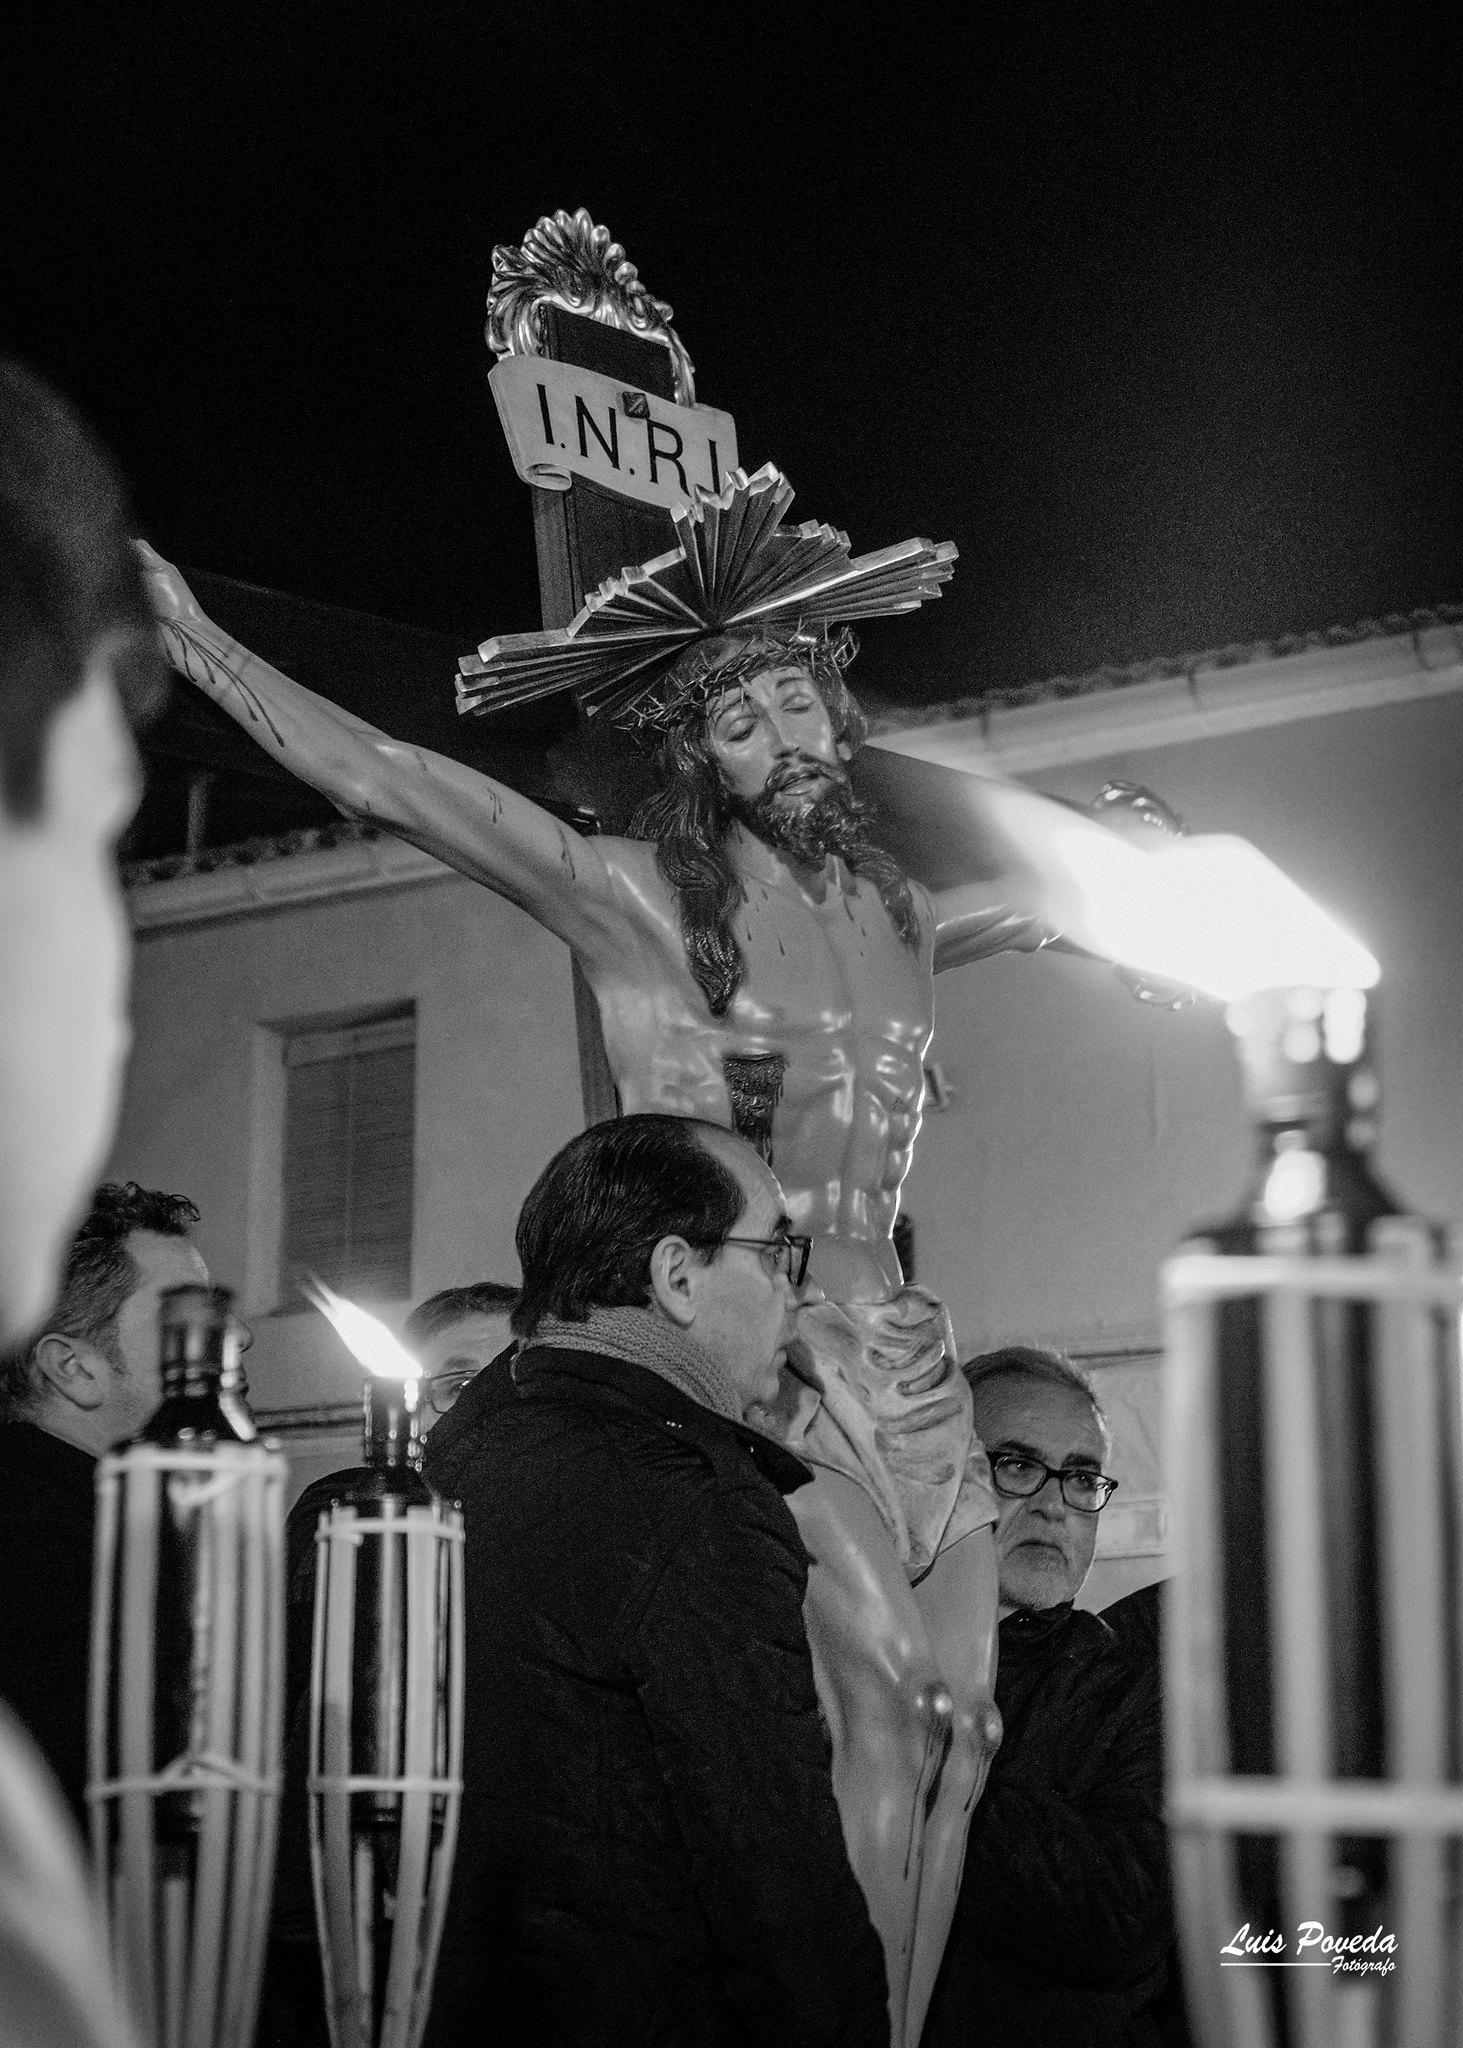 (2019-04-12) - X Vía Crucis nocturno - Luis Poveda Galiano (04)